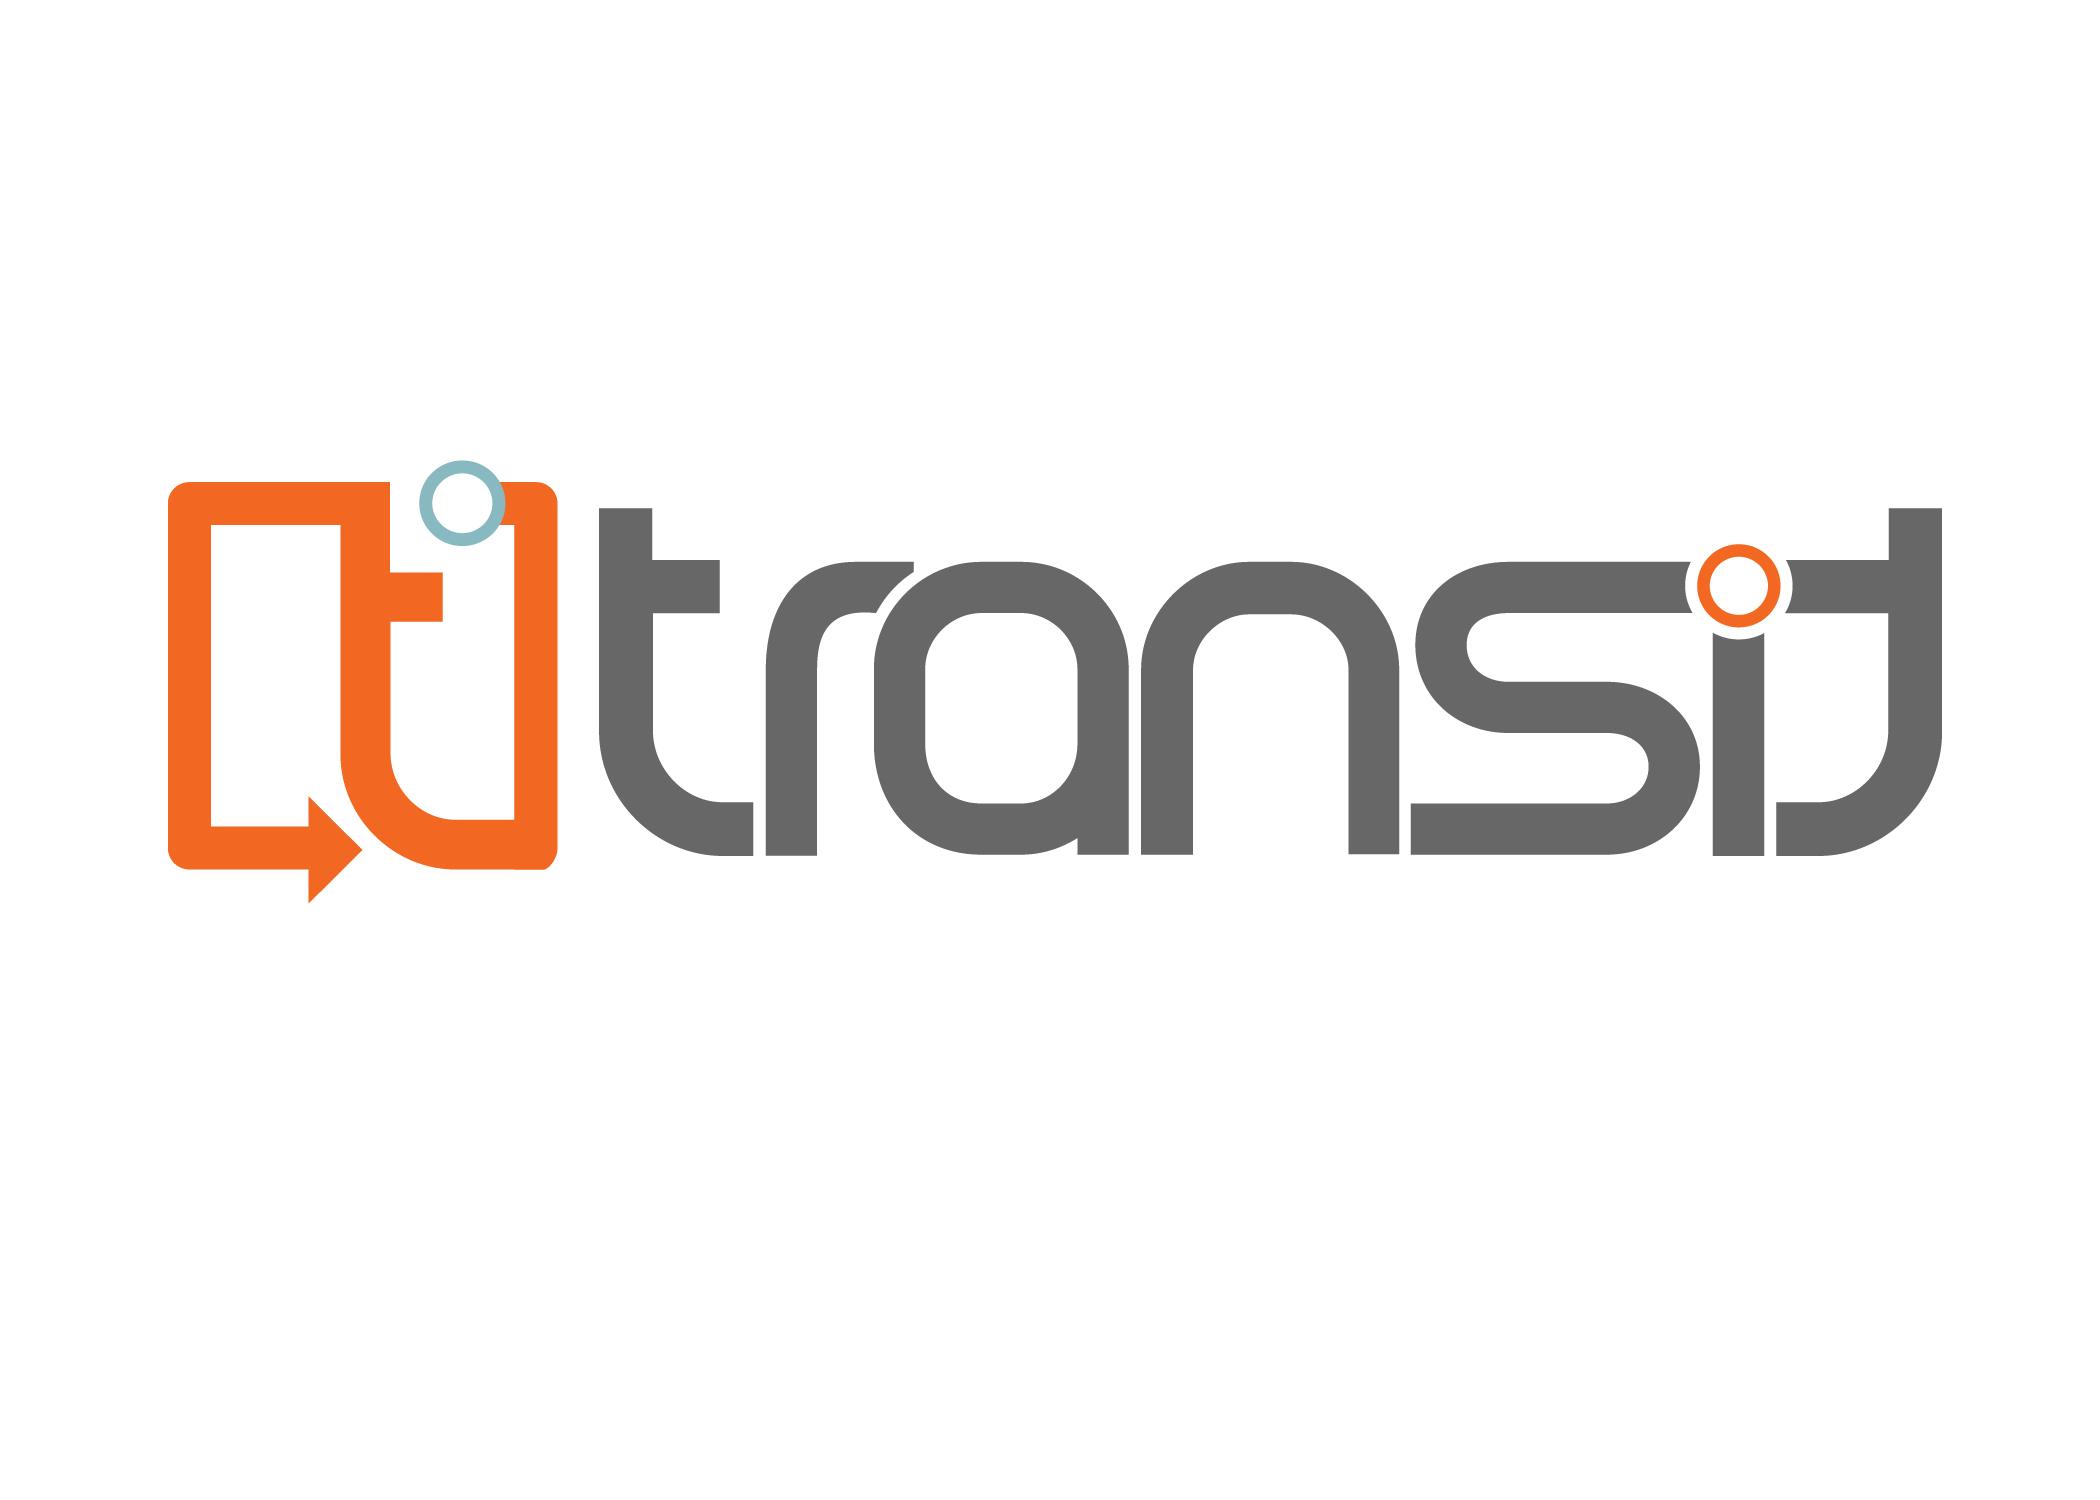 Transit_colered .jpg